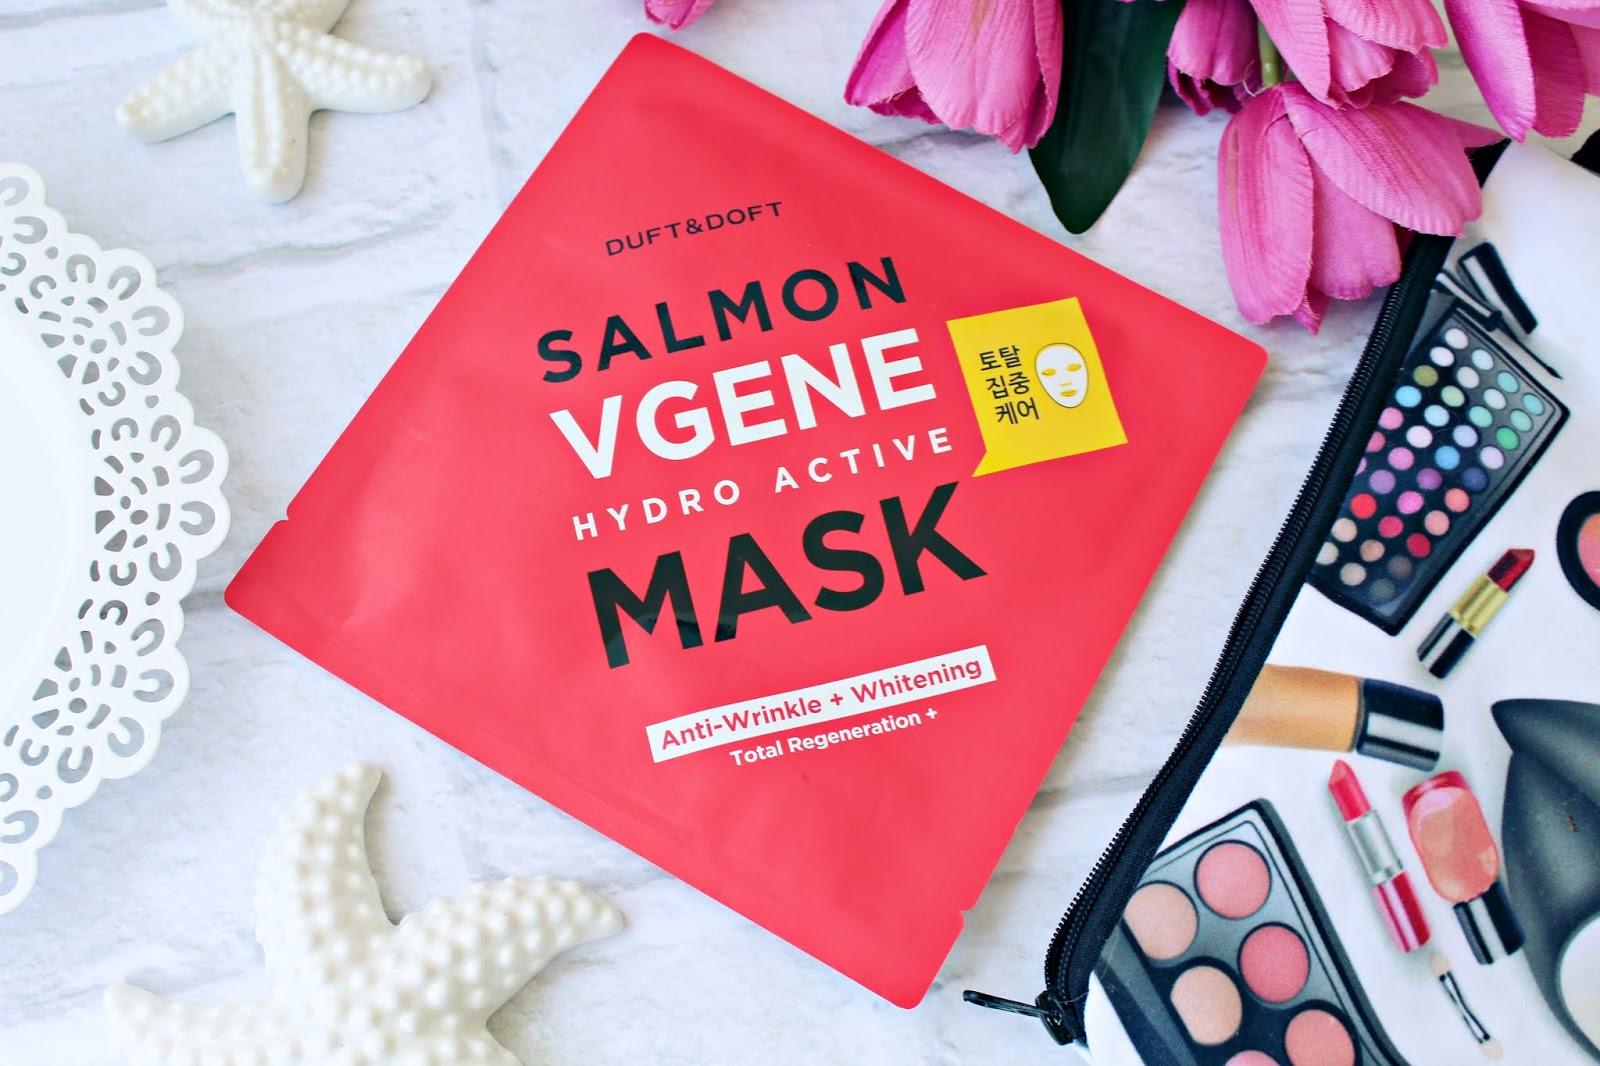 Odmładzająca maska w płachcie Salmon Vgene Hydro Active Mask Duft & Doft - HIT W KOREAŃSKIEJ PIELĘGNACJI!